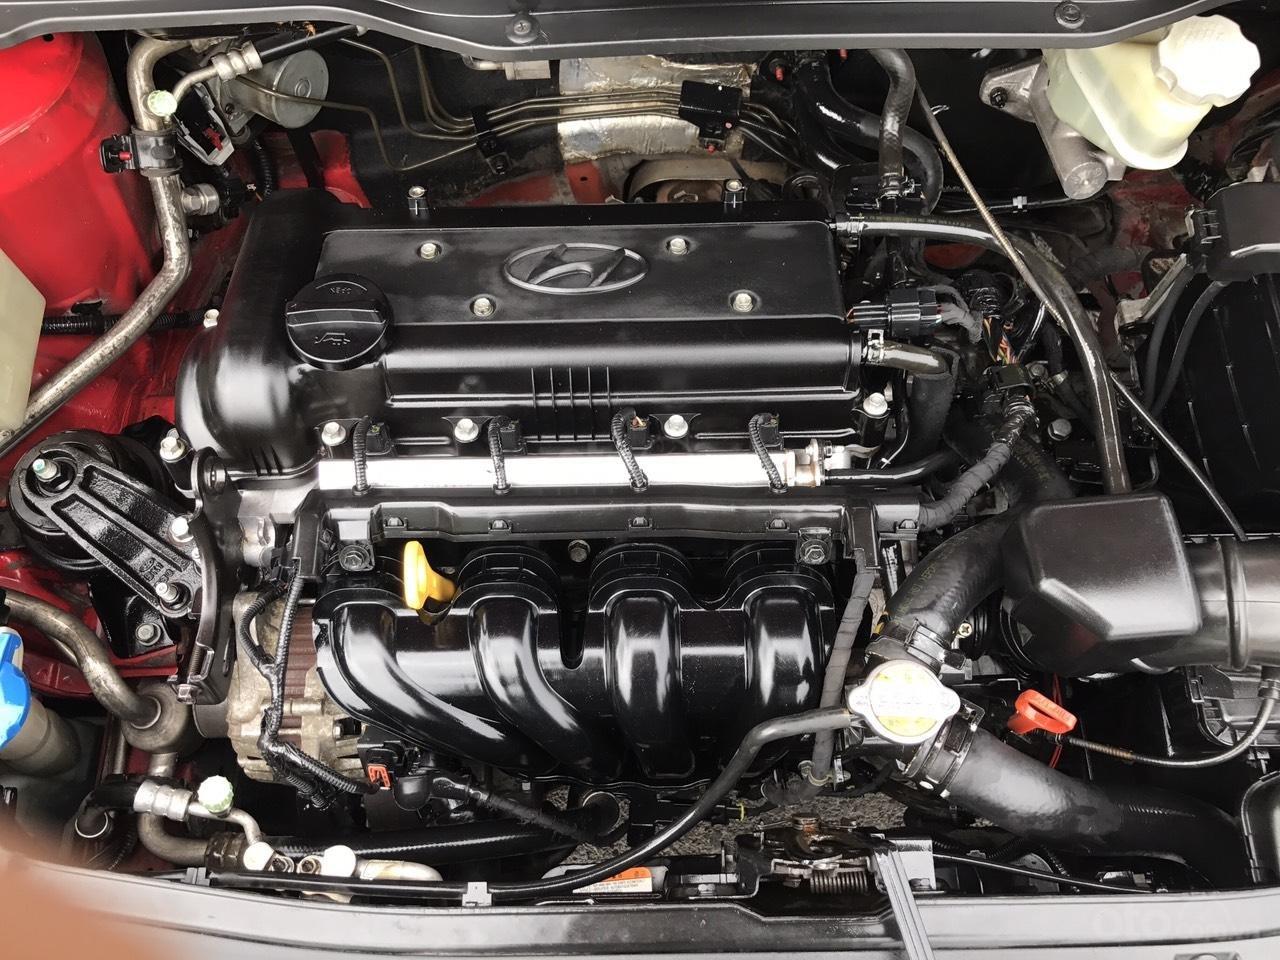 Bán Hyundai i20 1.4 AT đời 2011, màu đỏ, xe nhập, bản full, xe xuất sắc luôn (8)